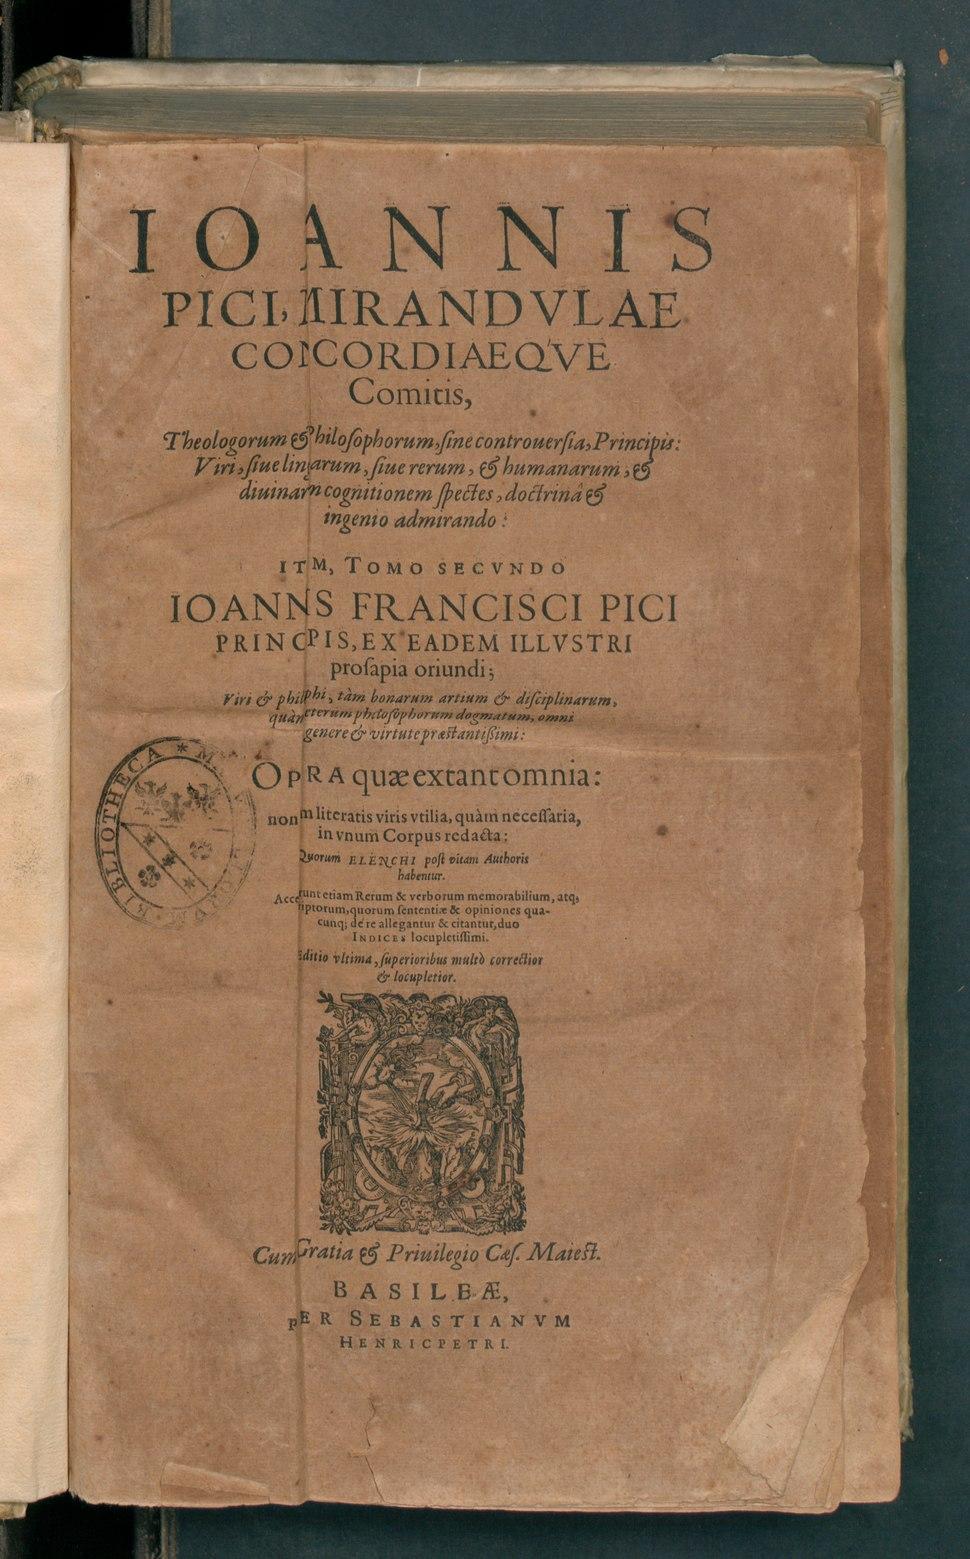 Ioannis Francisci Pici principis